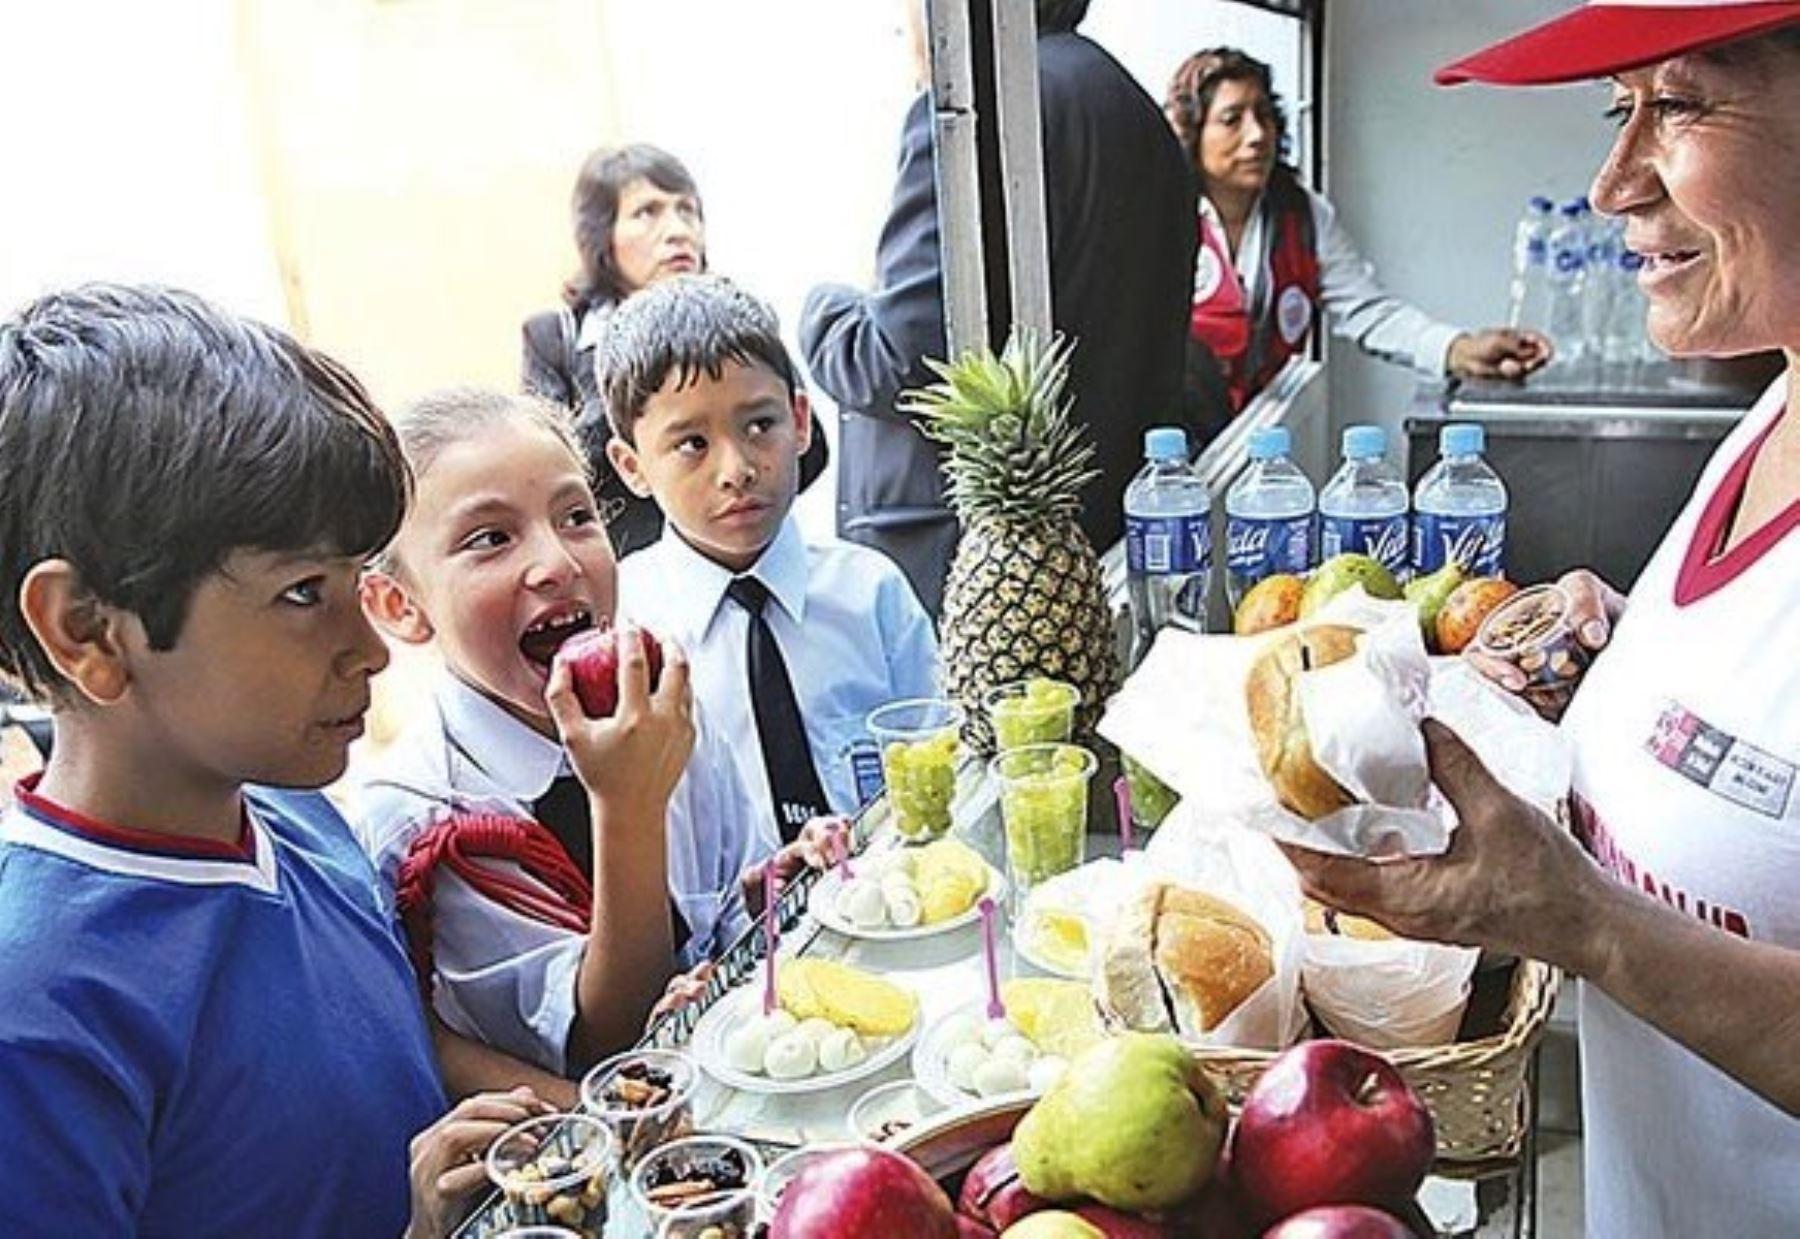 Ley de alimentación promociona una vida sana, no prohíbe nada al consumidor. Foto: ANDINA/archivo.